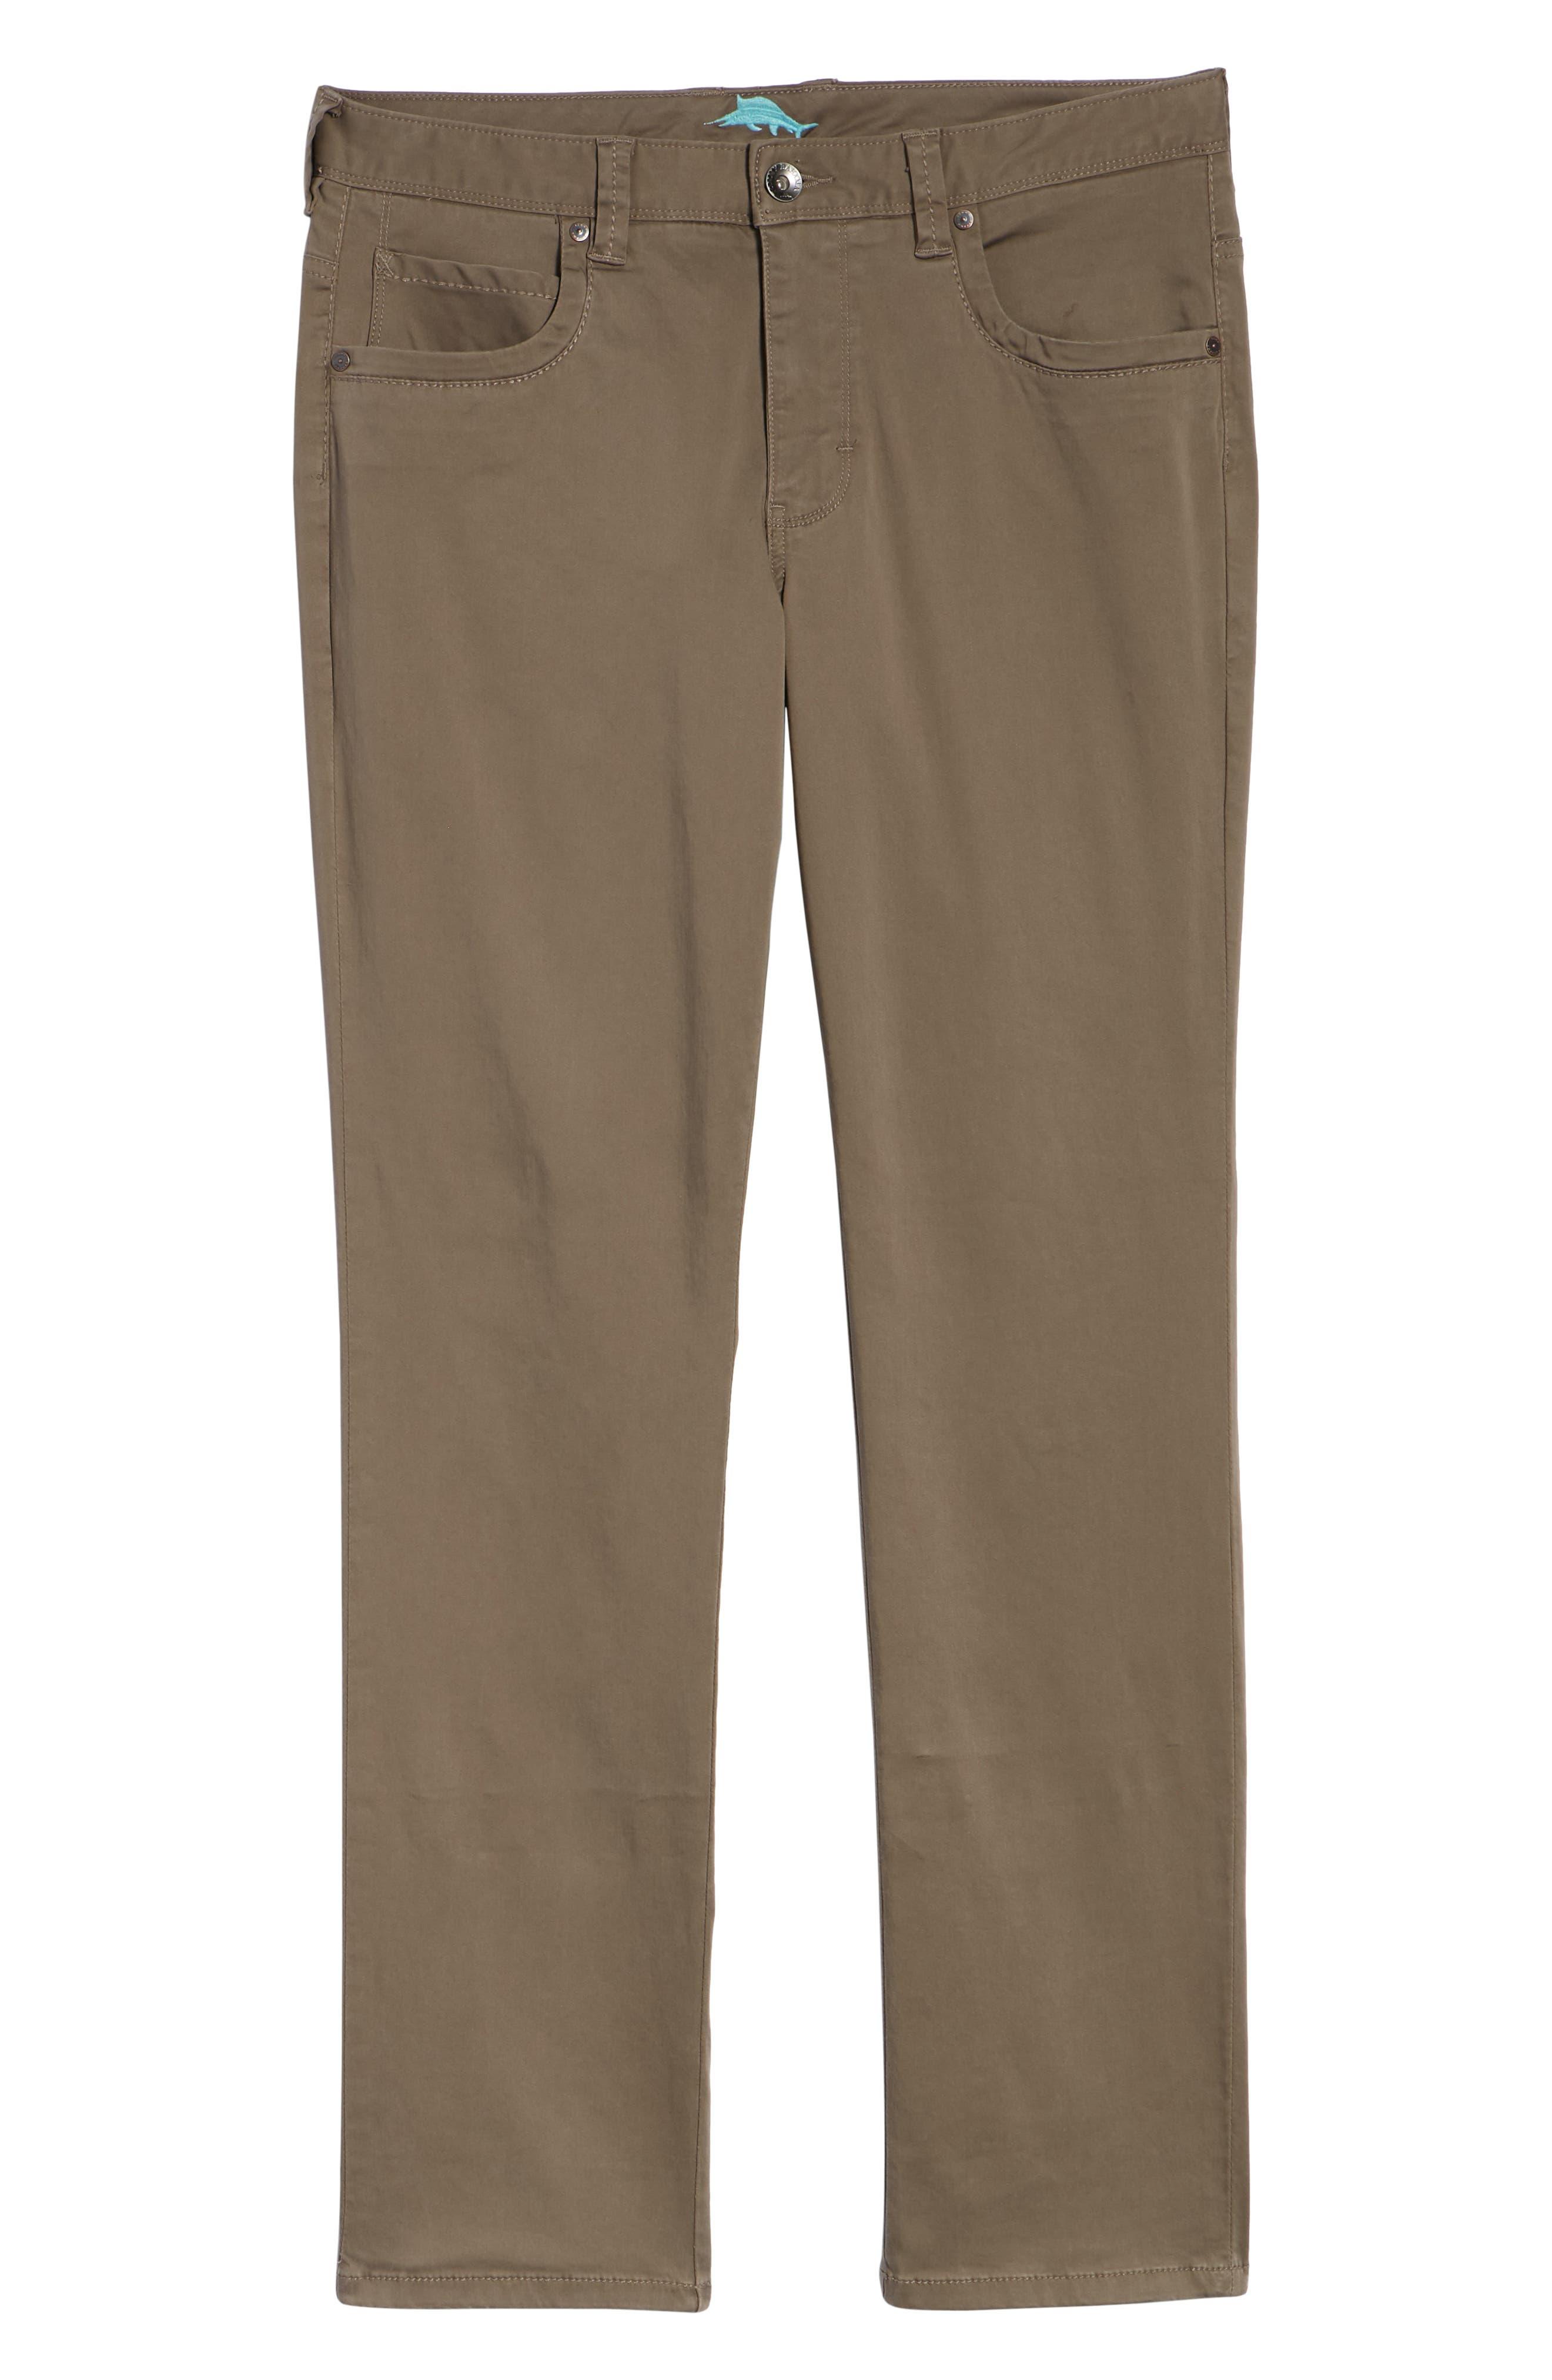 Boracay Pants,                             Alternate thumbnail 6, color,                             BISON